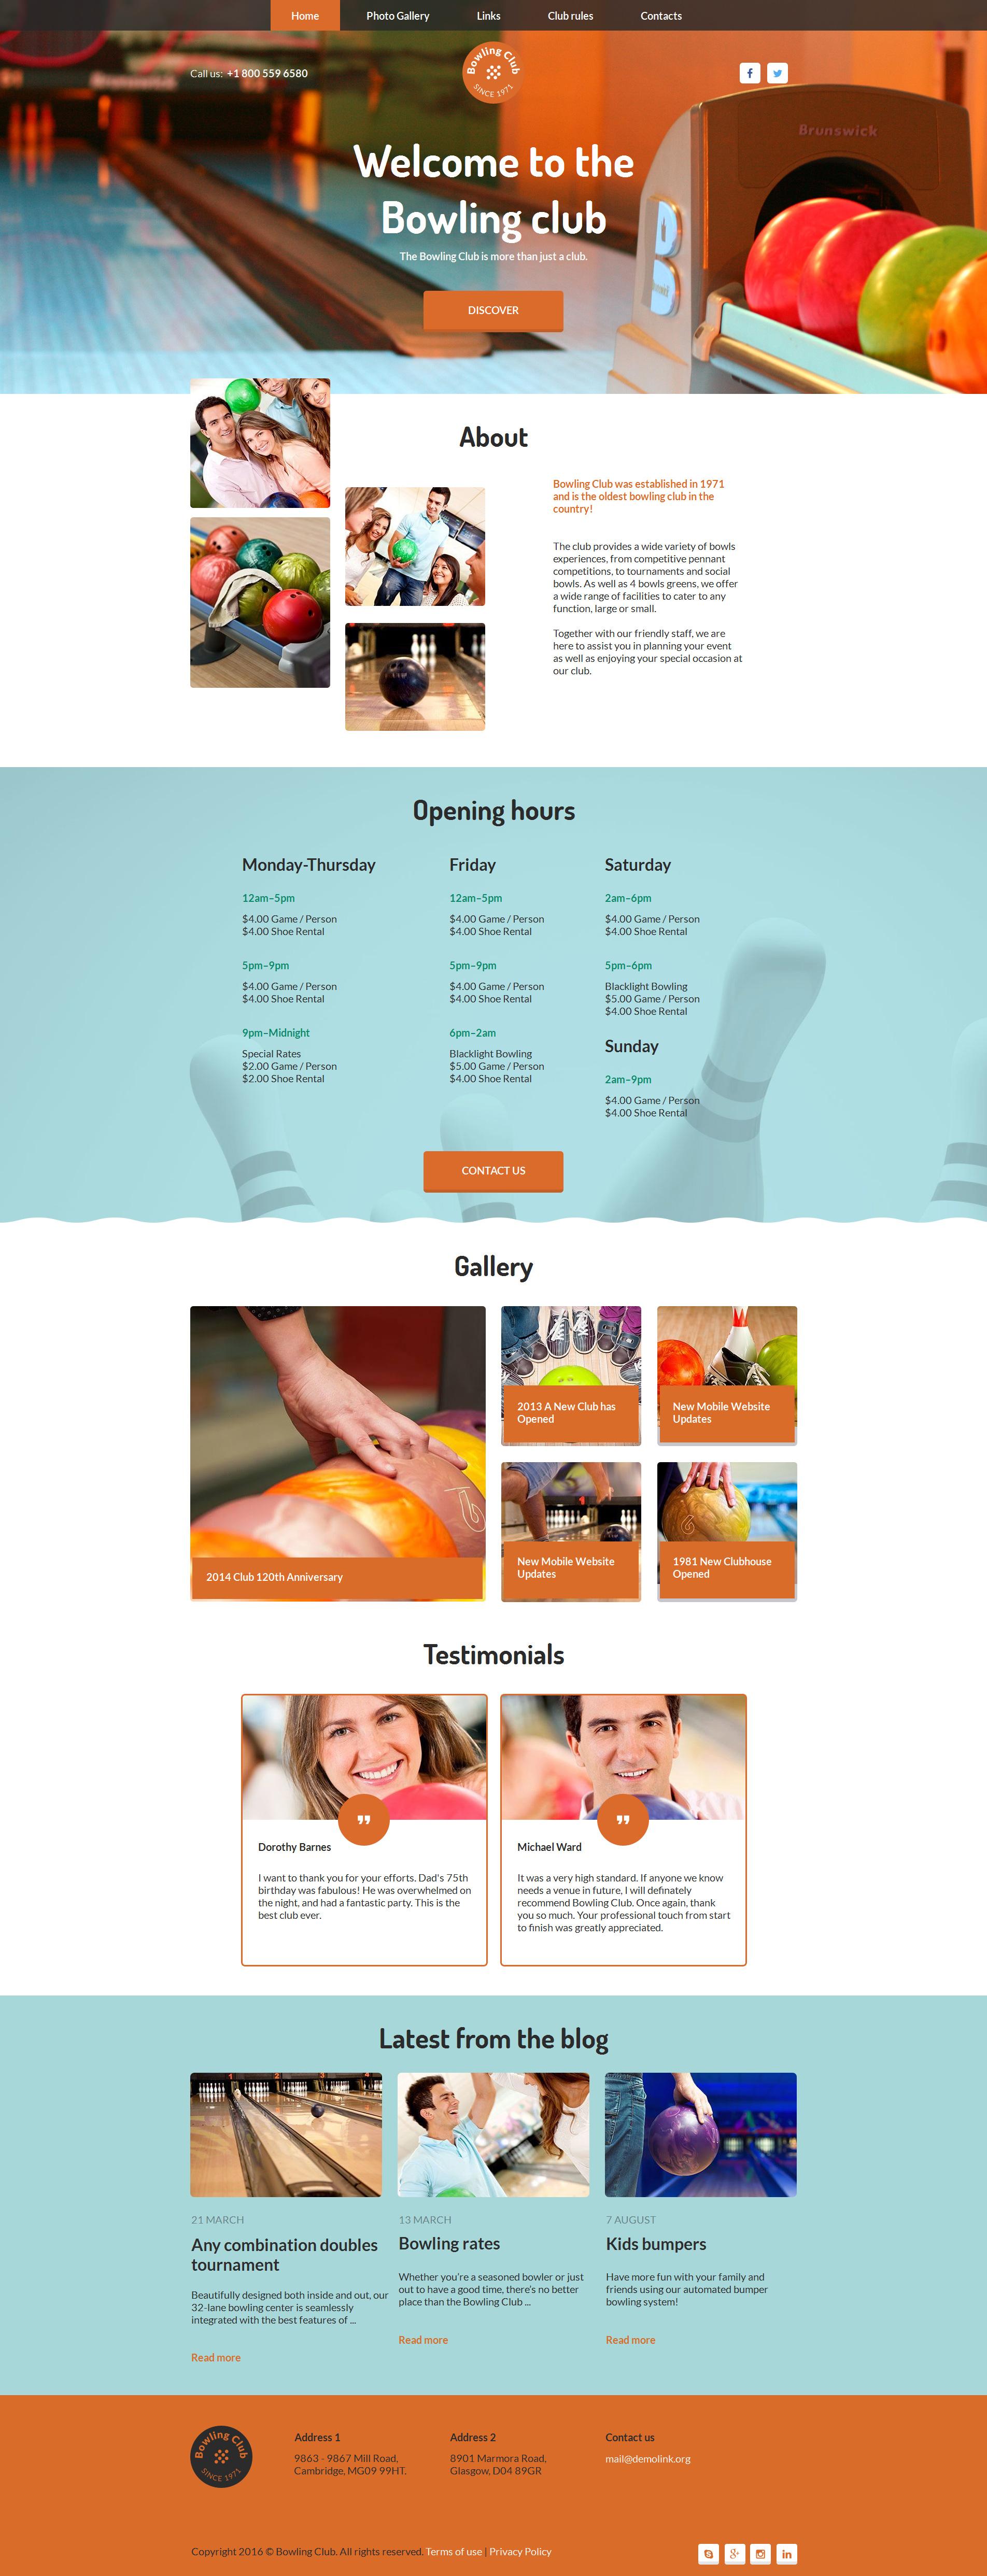 Modèle Moto CMS HTML Premium pour site de bowling #58750